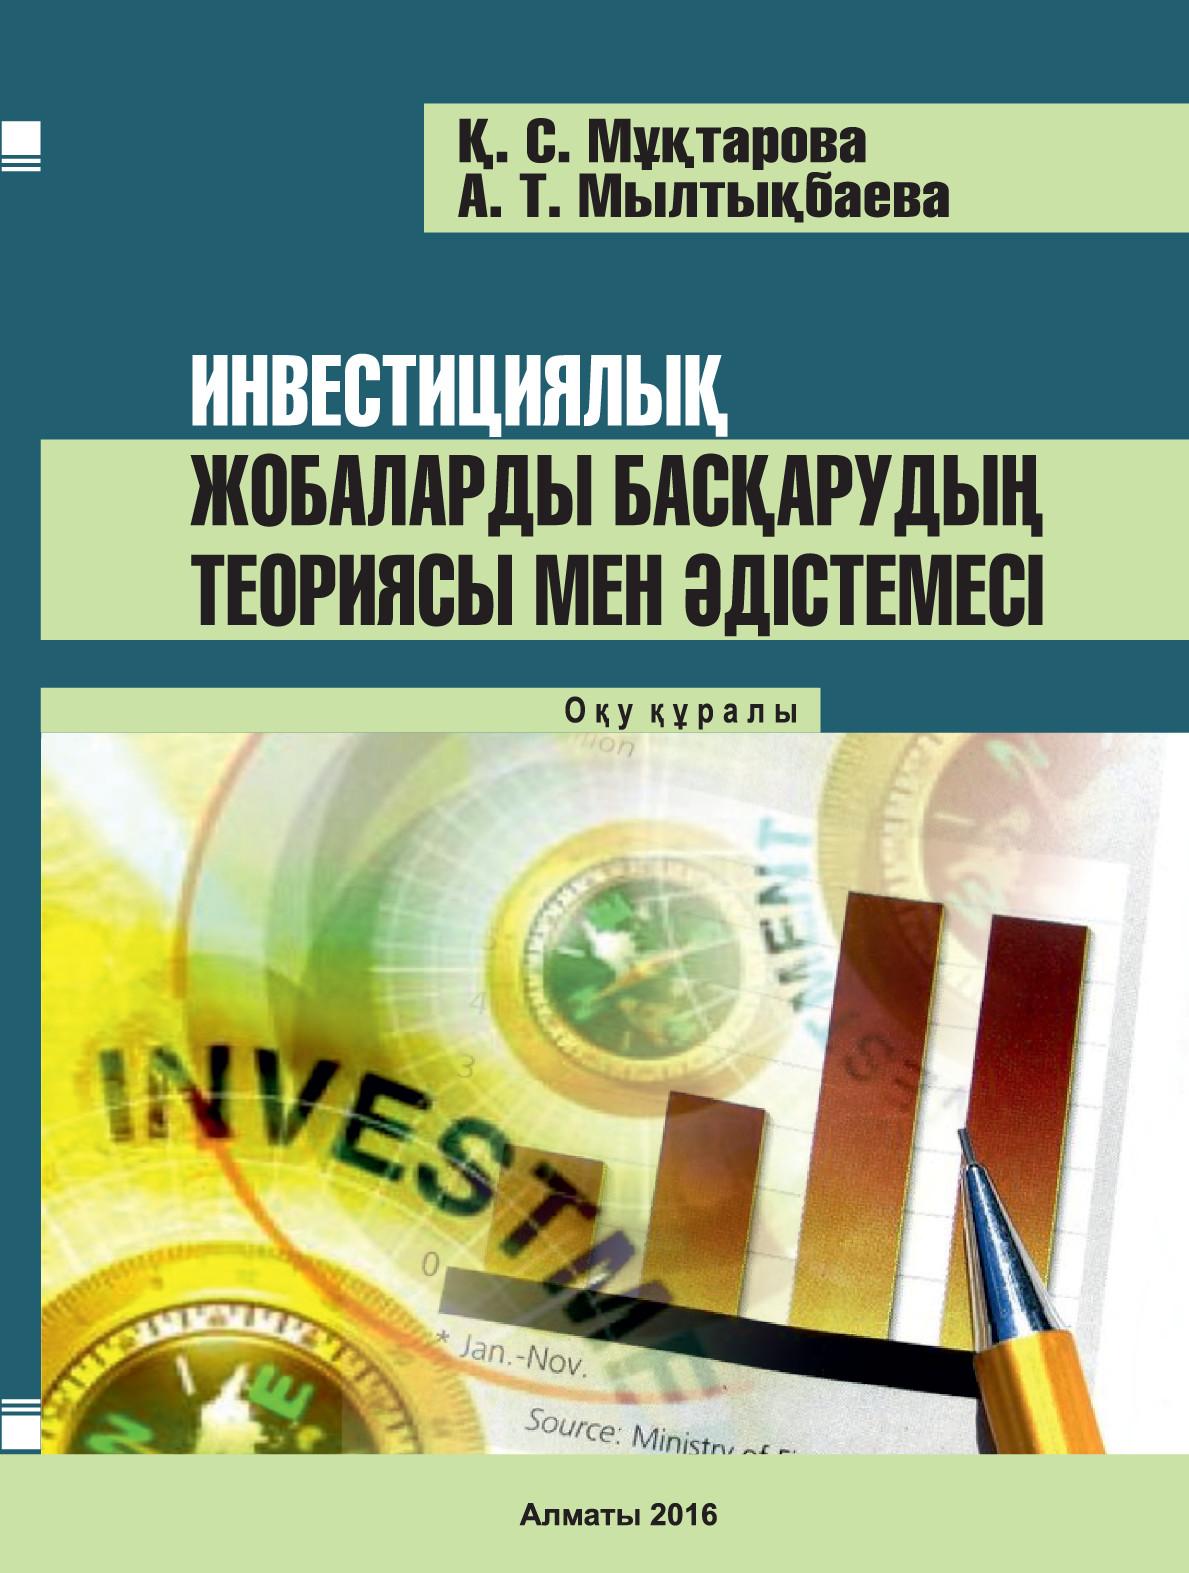 Инвестициялық жобаларды басқарудың теориясы мен əдістемесі